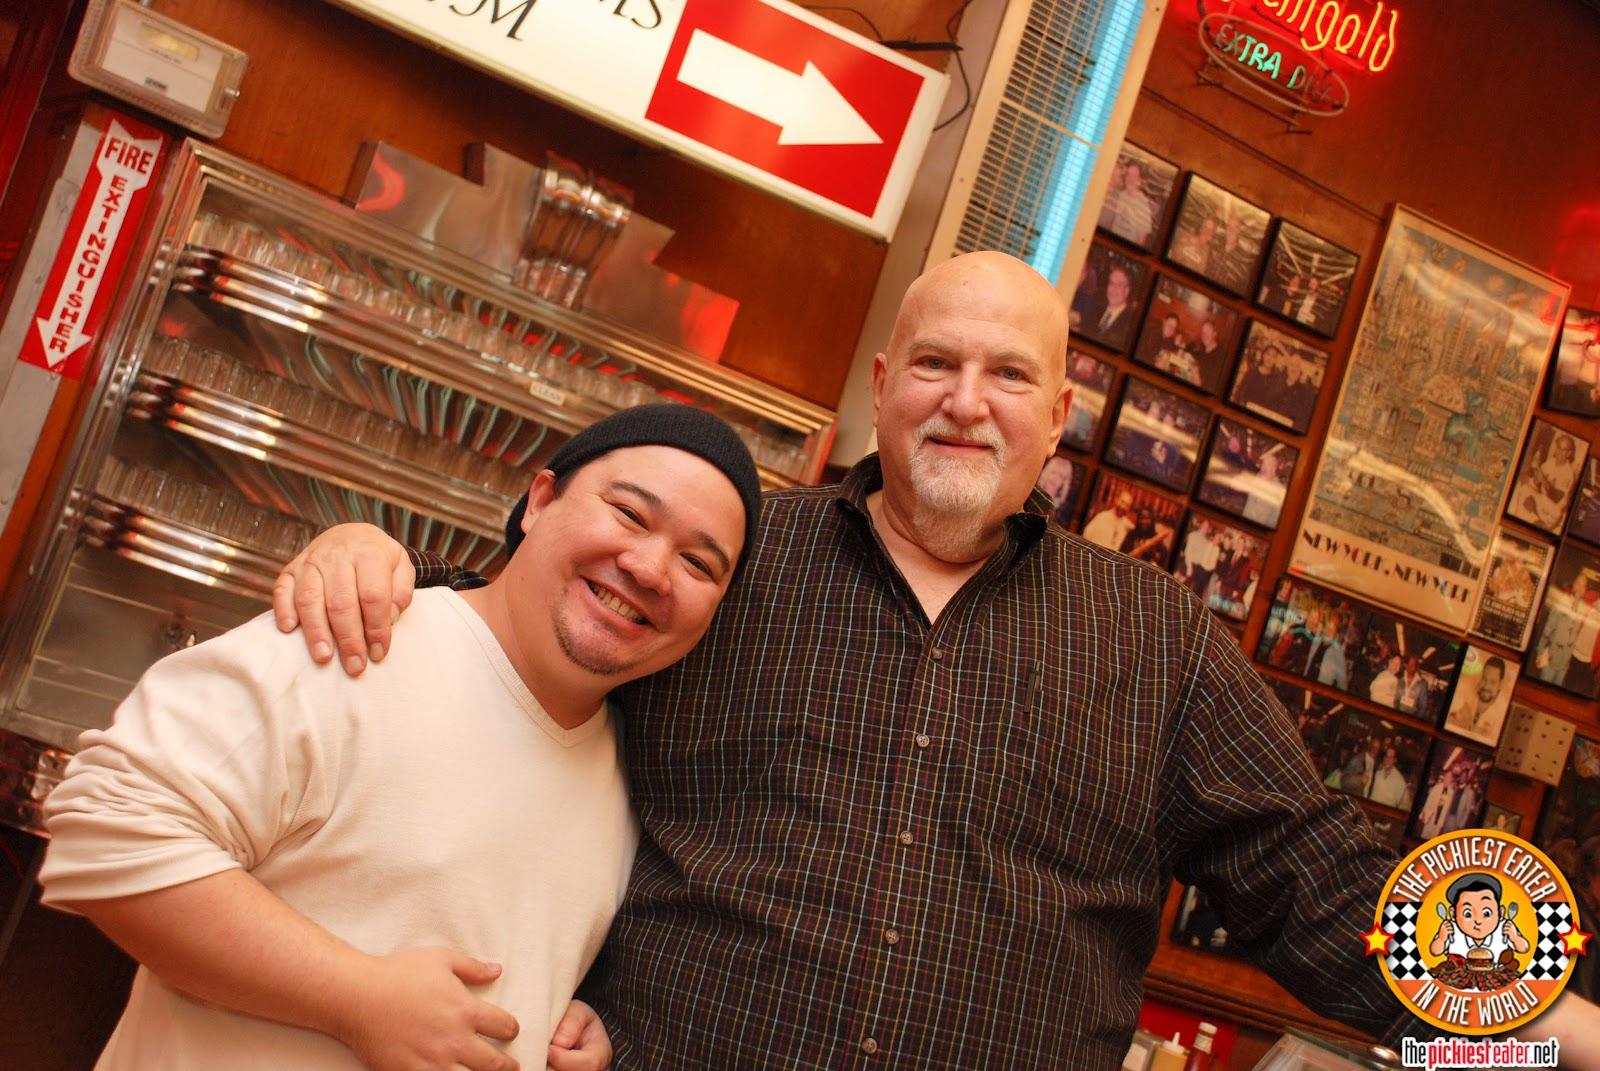 http://2.bp.blogspot.com/-rNSFMpSeaak/UHKpMqIn1ZI/AAAAAAAAPjQ/1nxyuu5KHVo/s1600/Katz.Deli.New.York-20.jpg